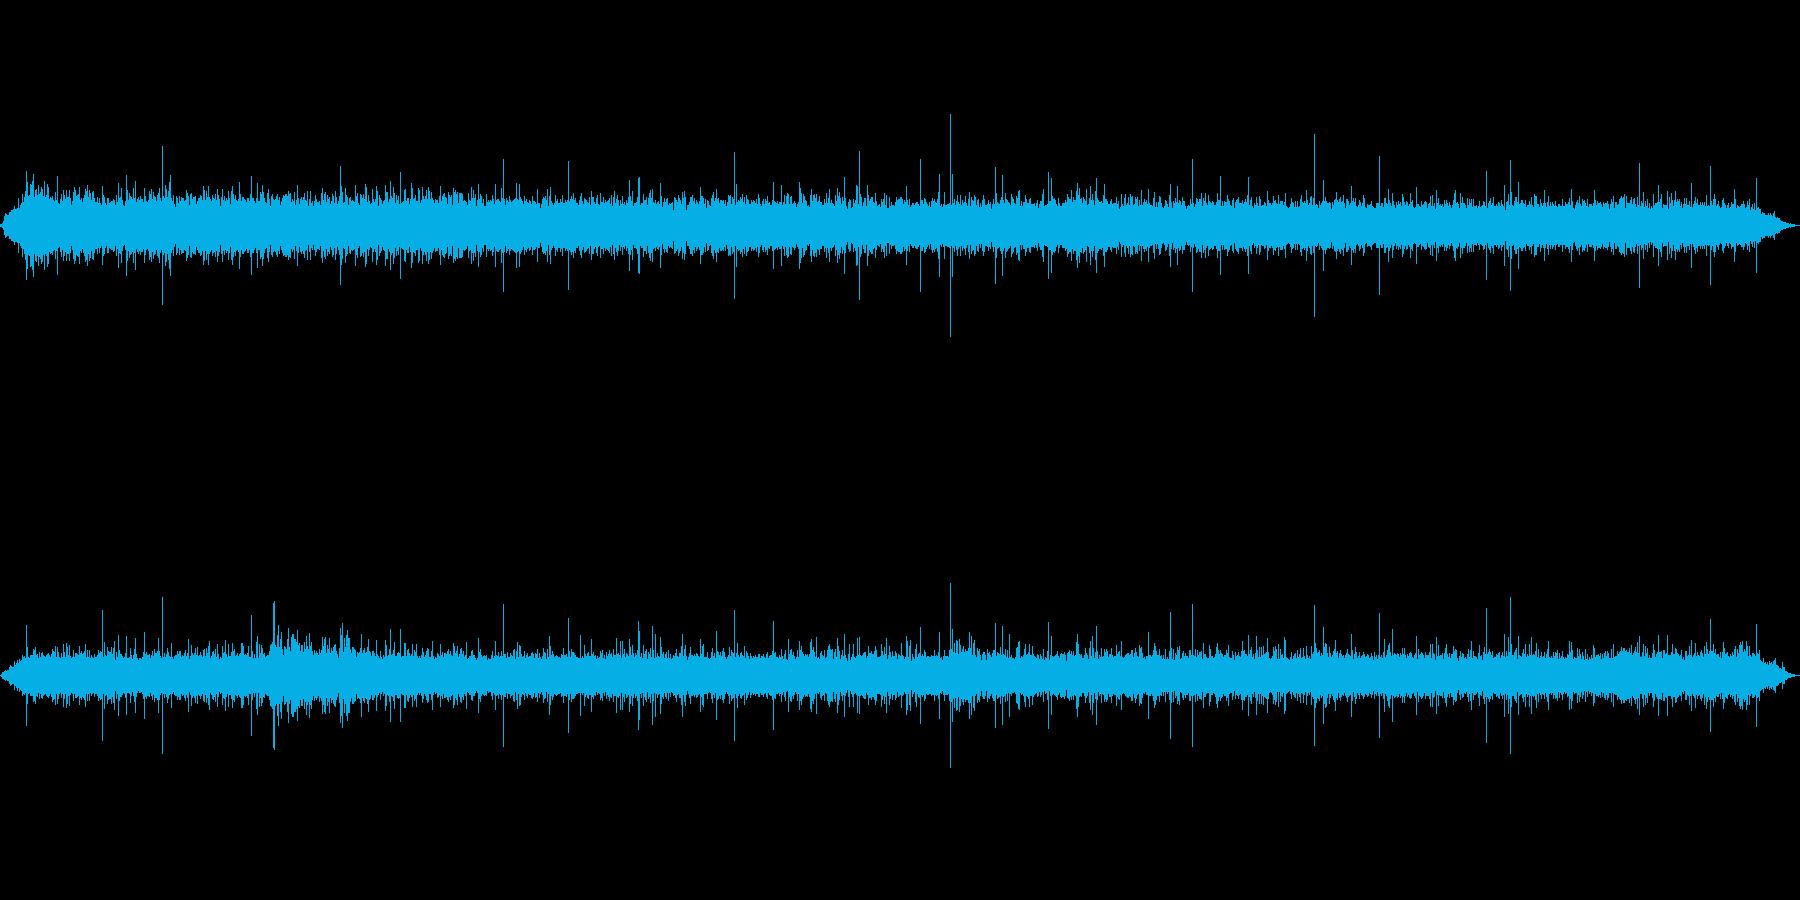 【自然音】せせらぎ01(岐阜)の再生済みの波形